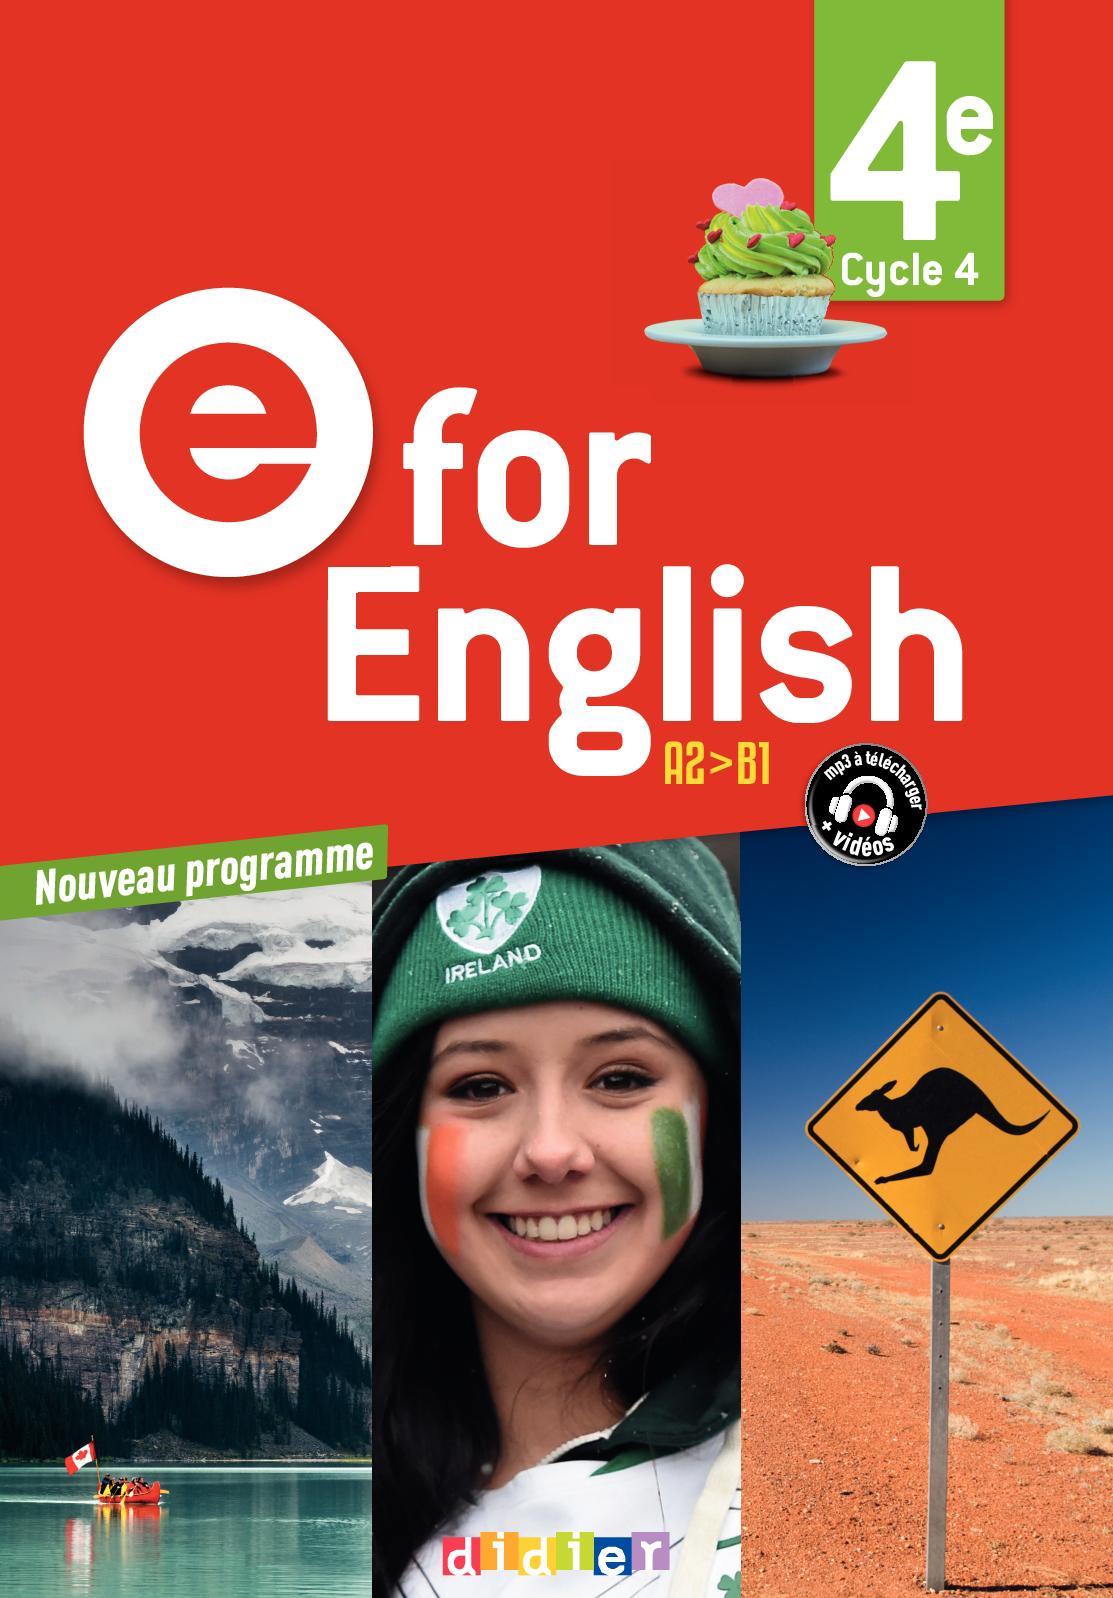 Calameo Extrait E For English 4e